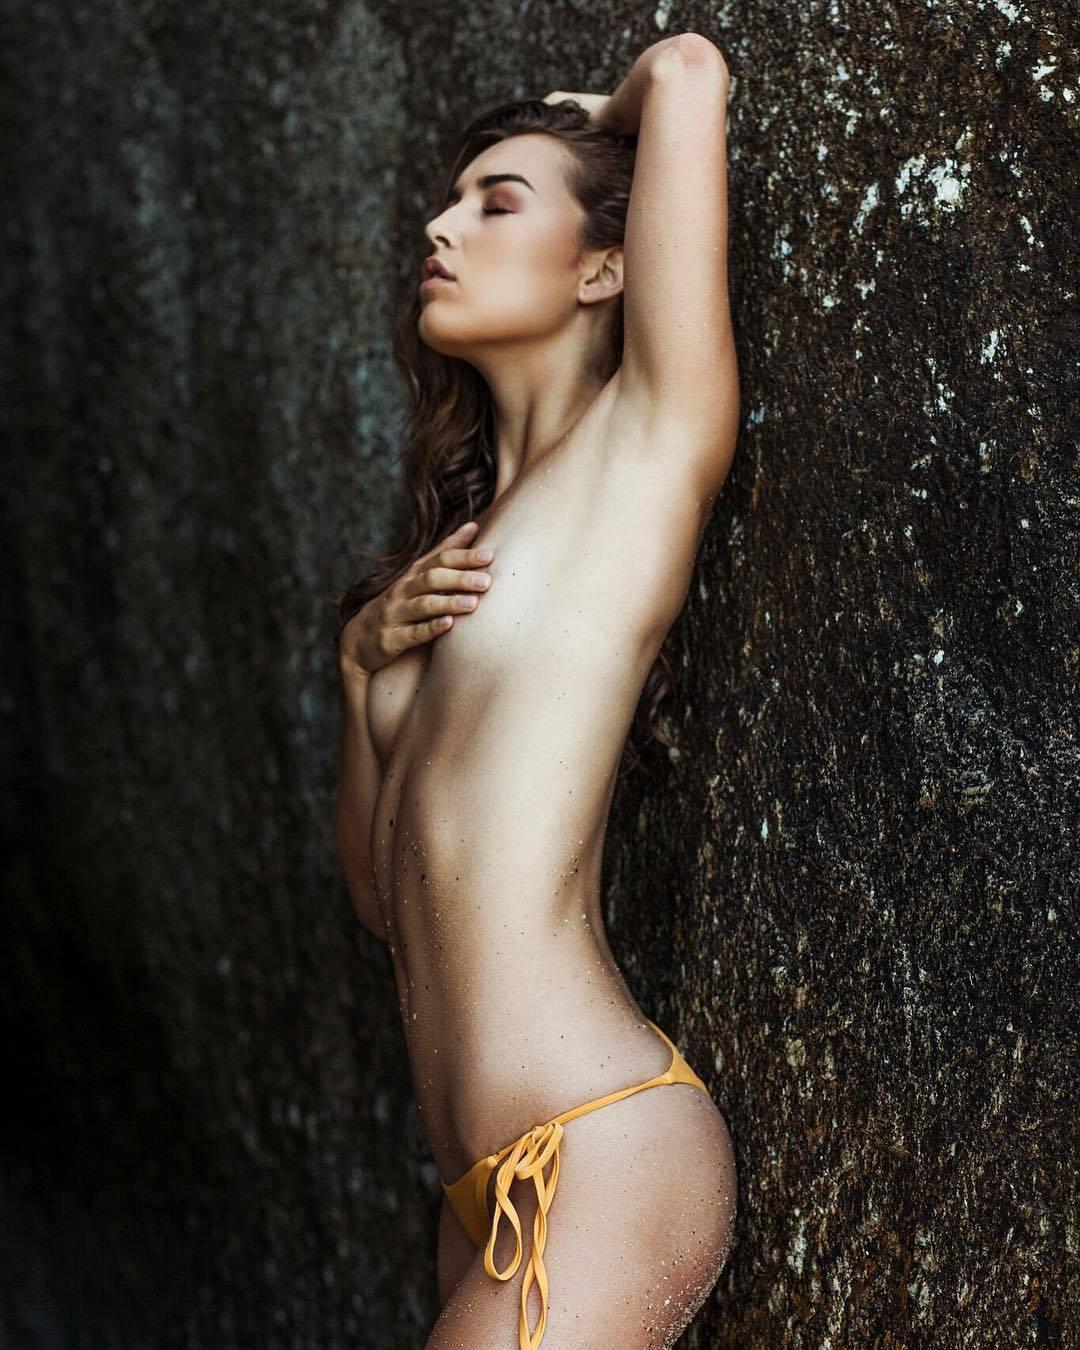 Taylor Bryant - Garreth Barclay photoshoot